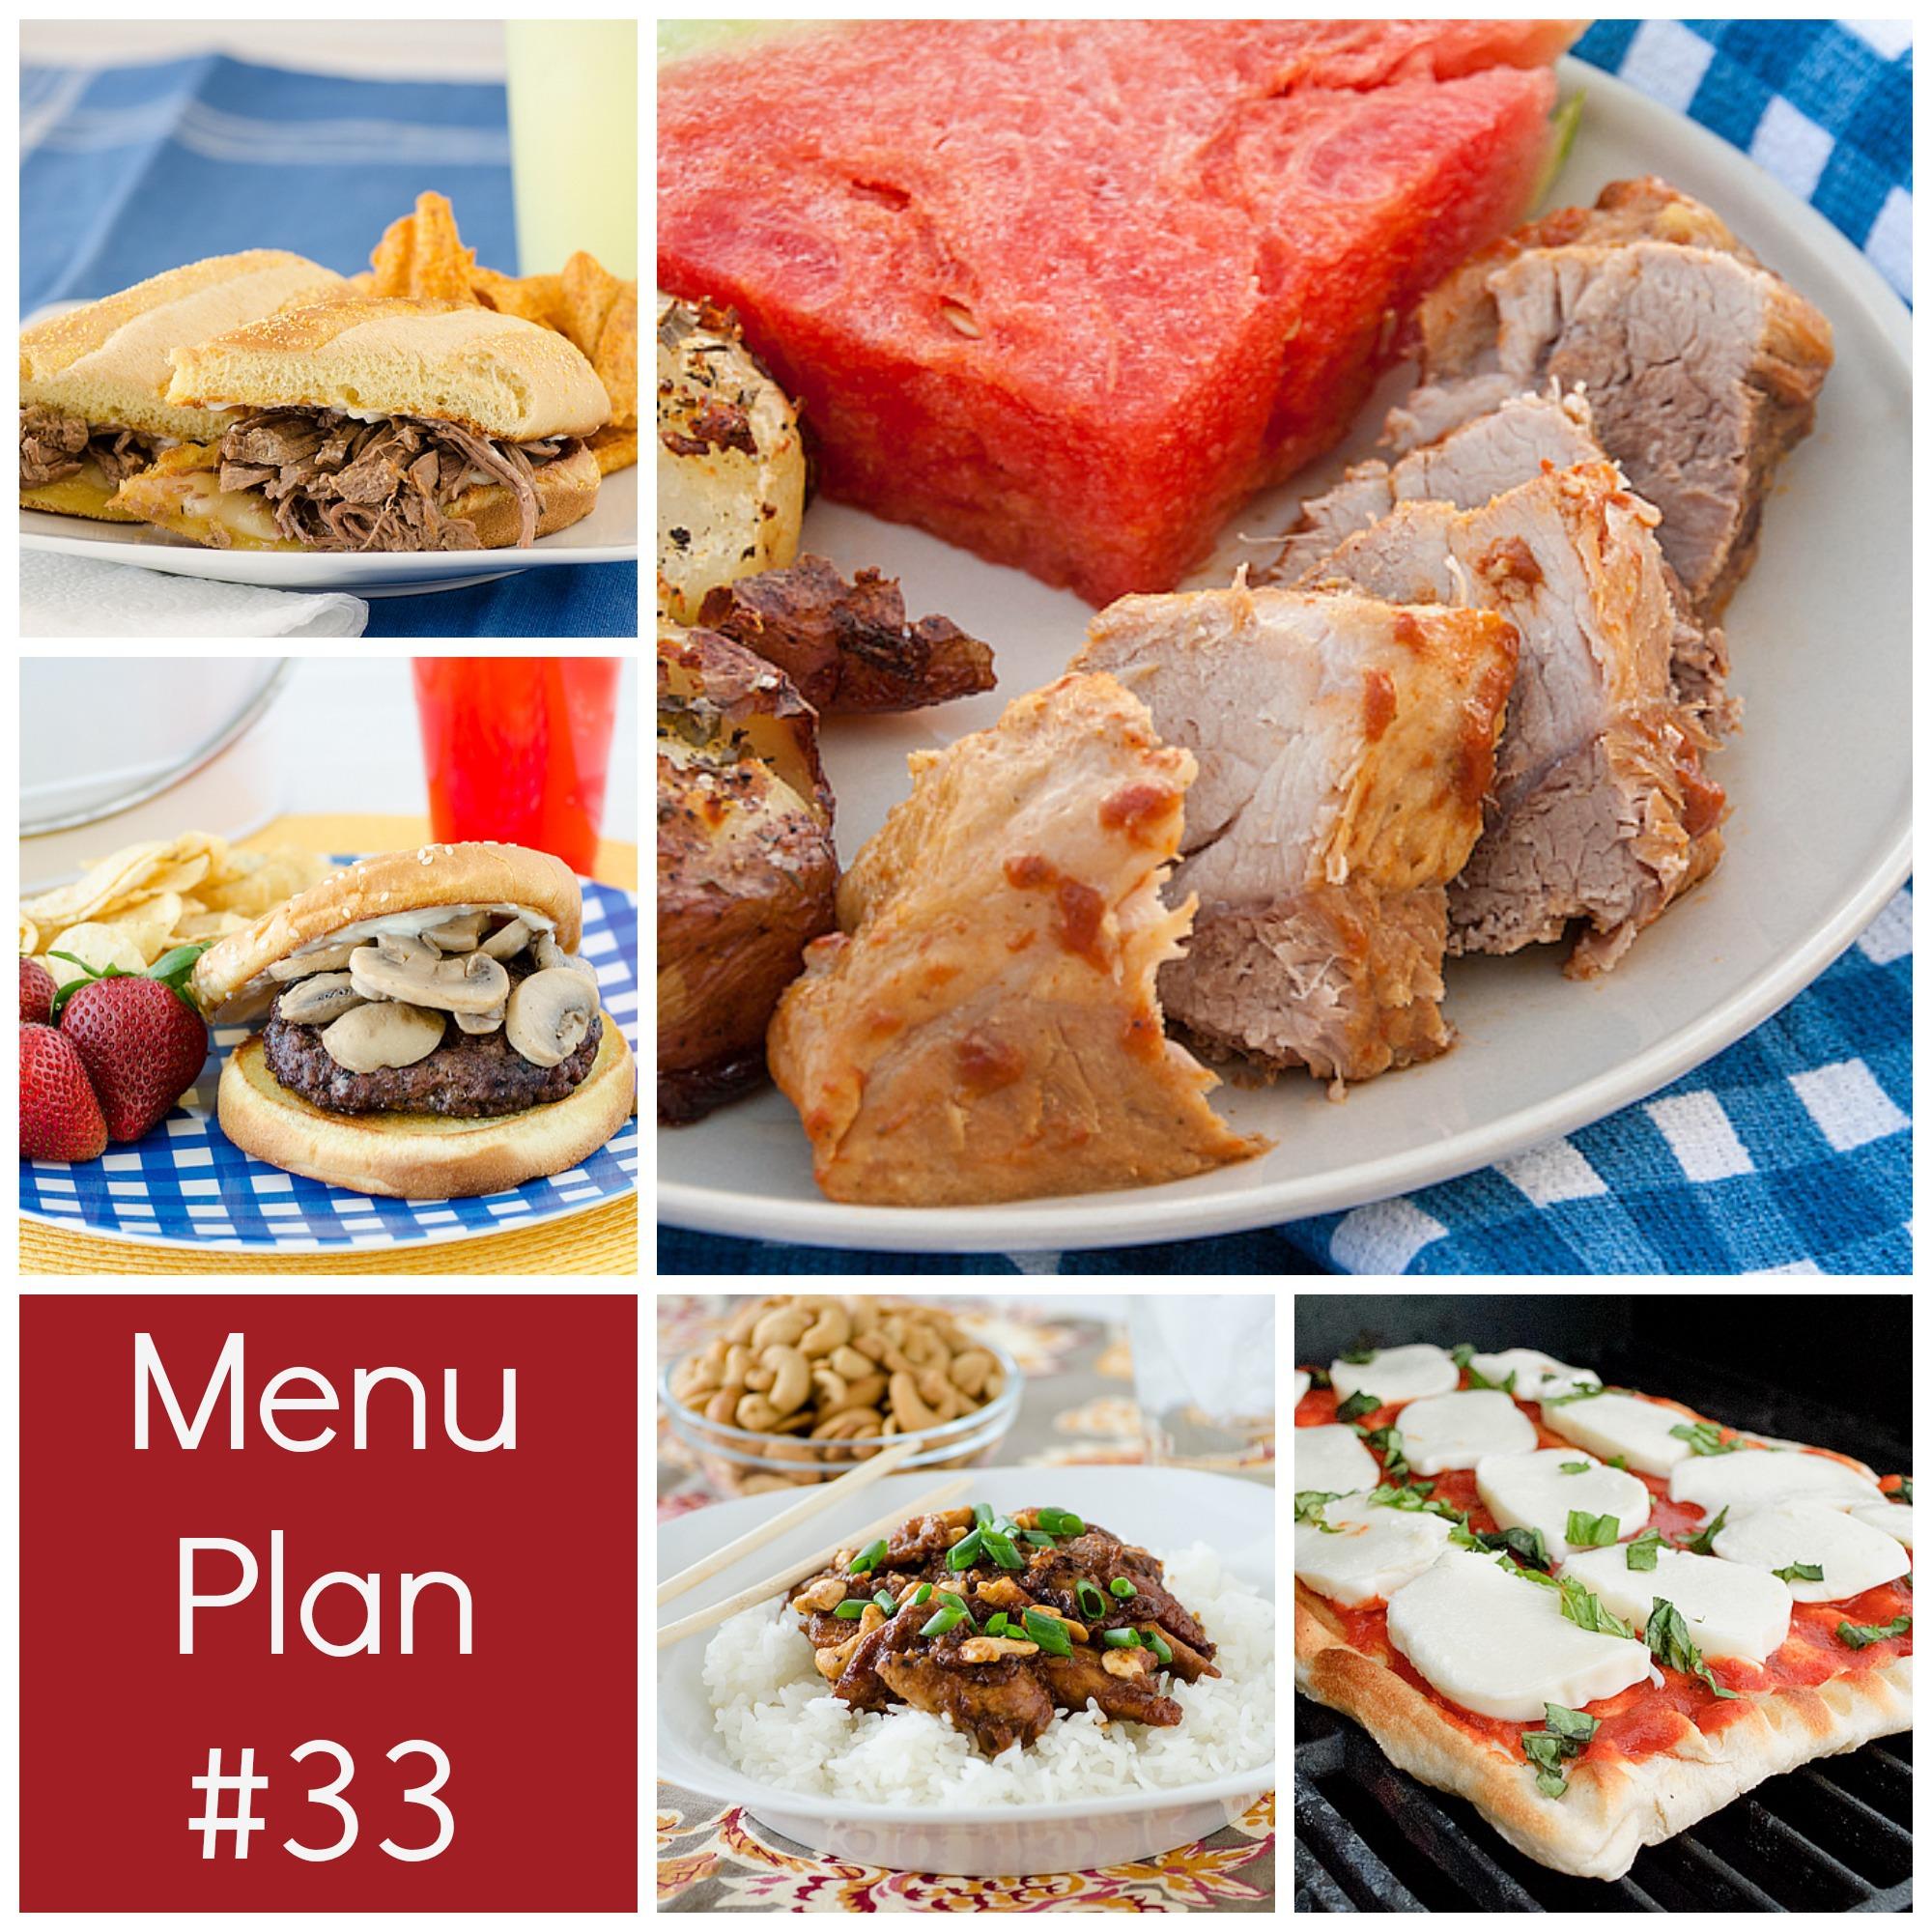 Menu Plan Monday – Week 33